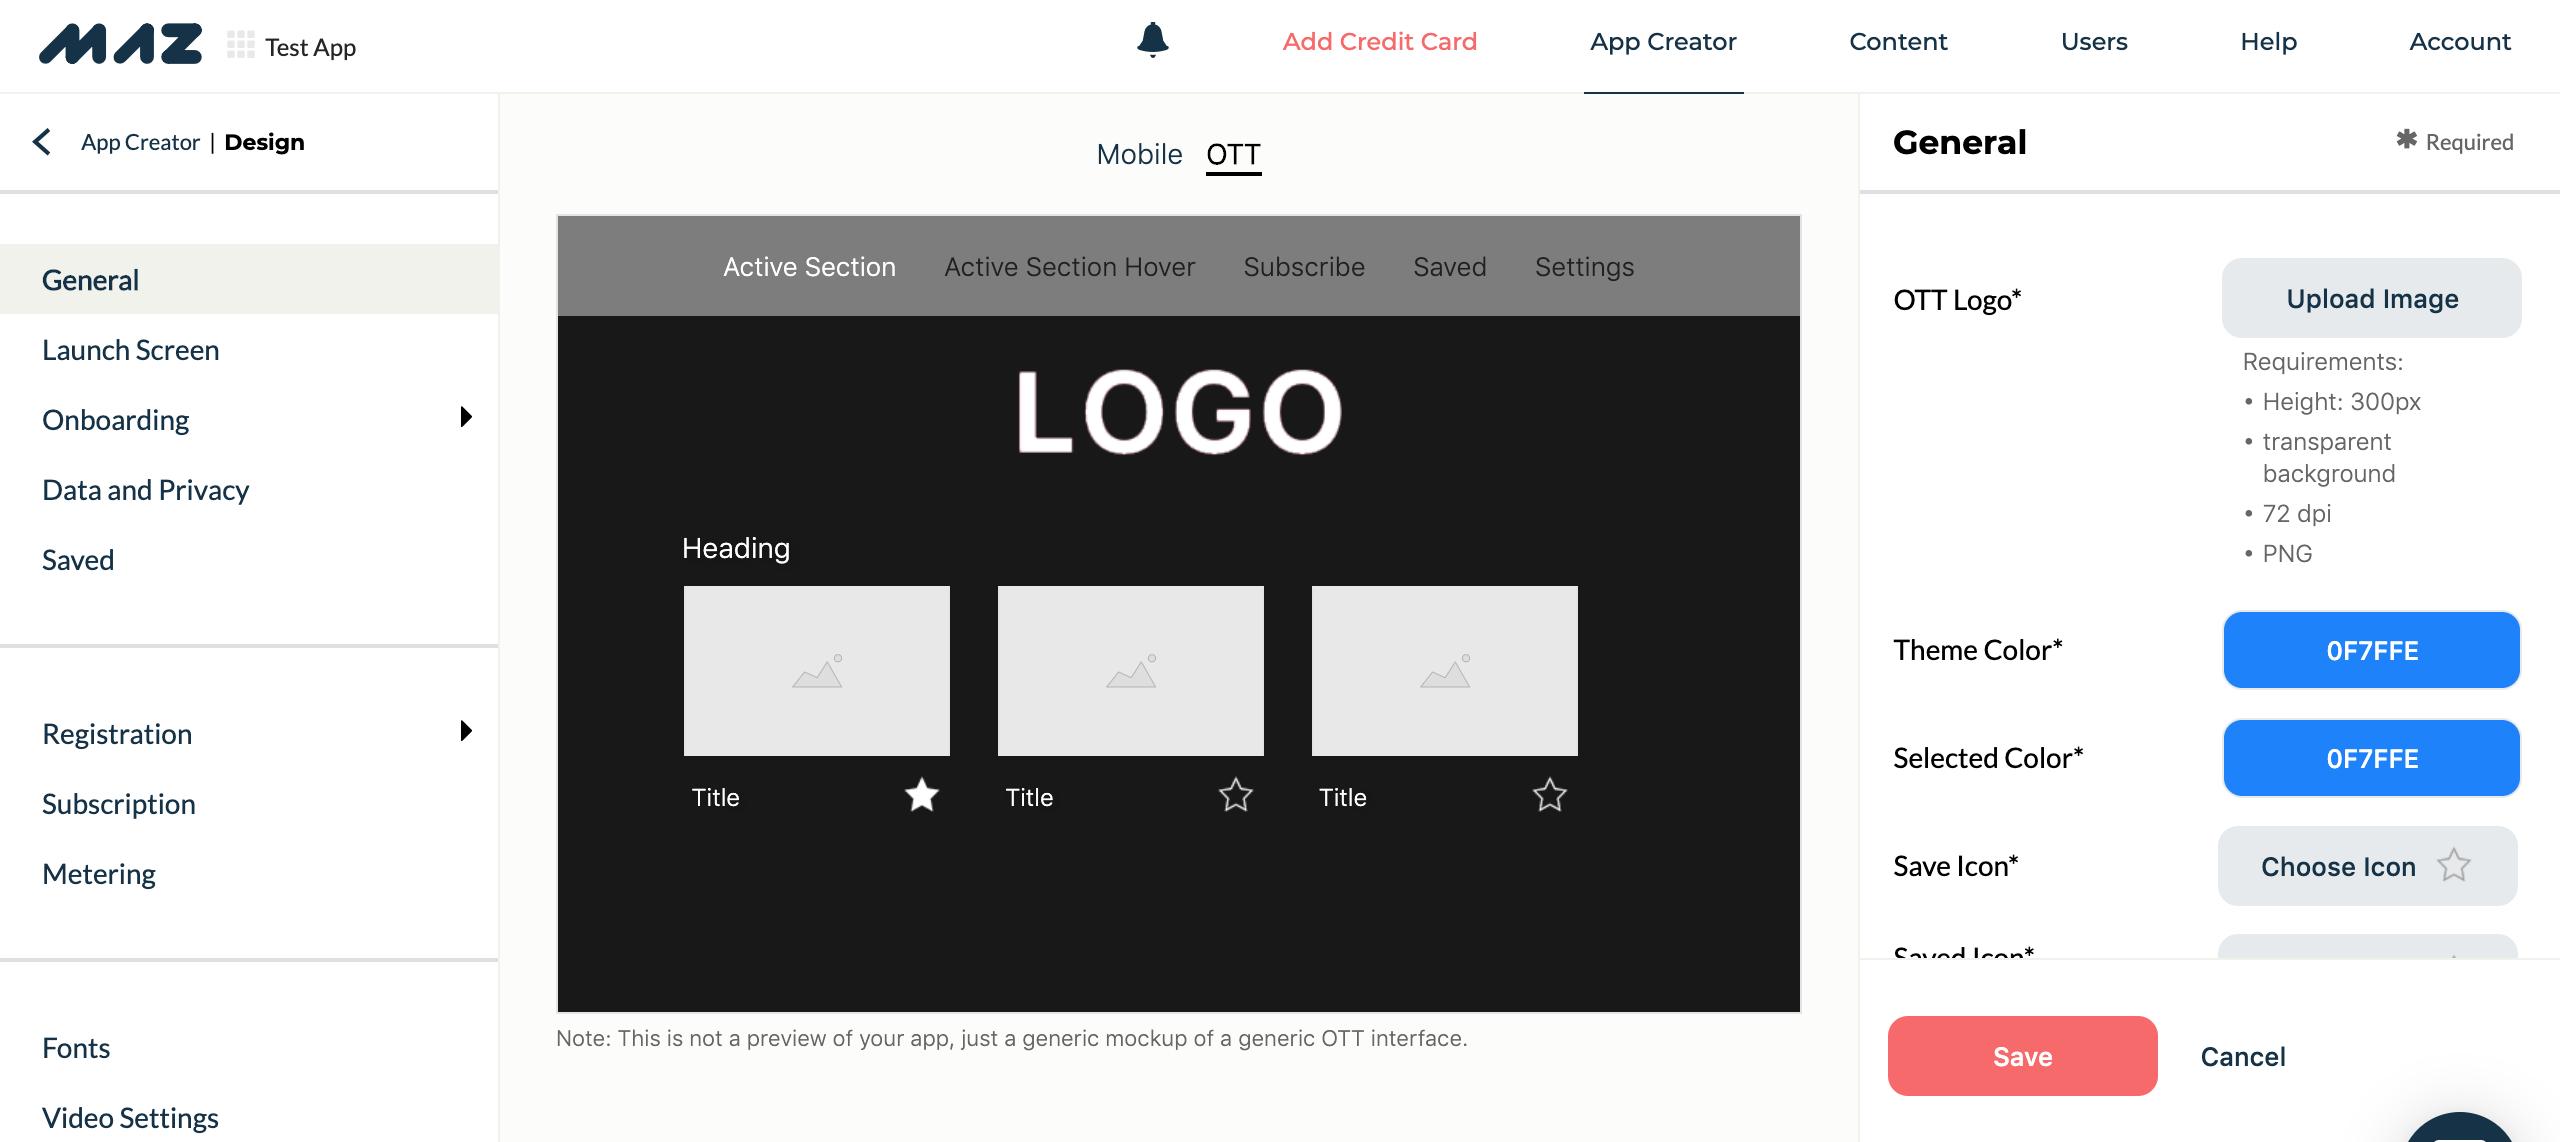 vod platform for content creators